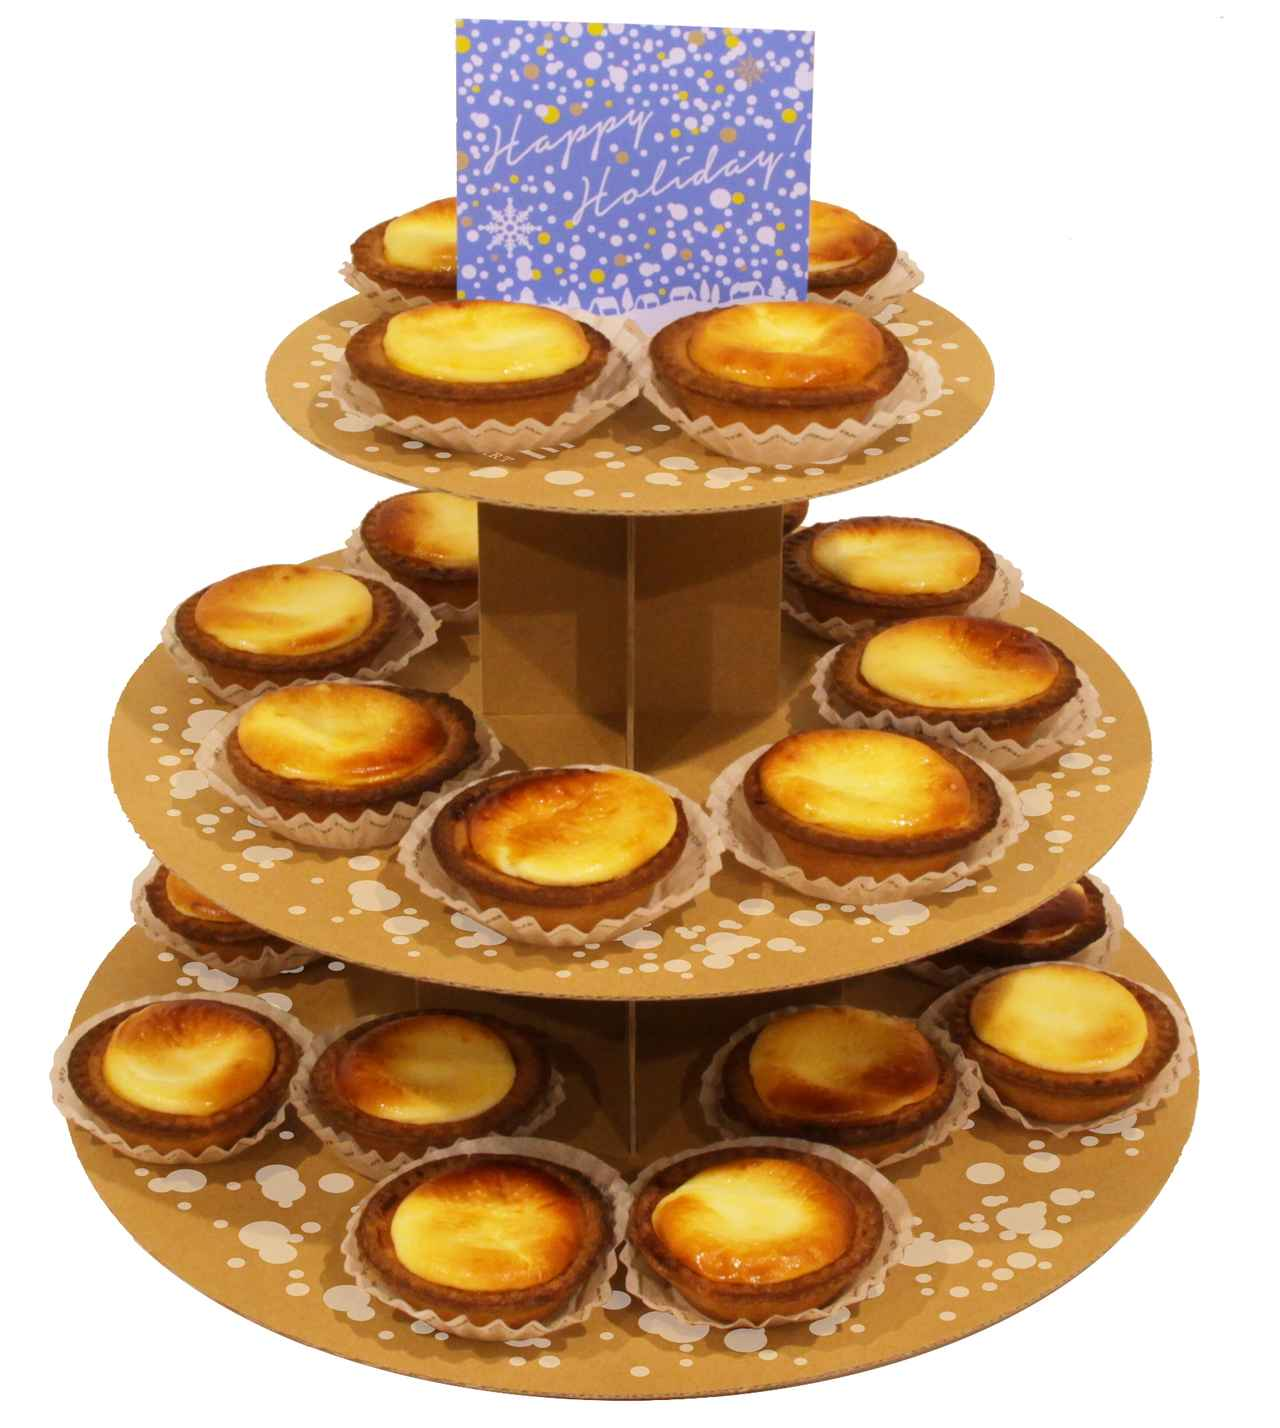 画像3: クリスマスや忘年会などのパーティーシーズンを盛り上げる『チーズタルトデコレーションタワー』